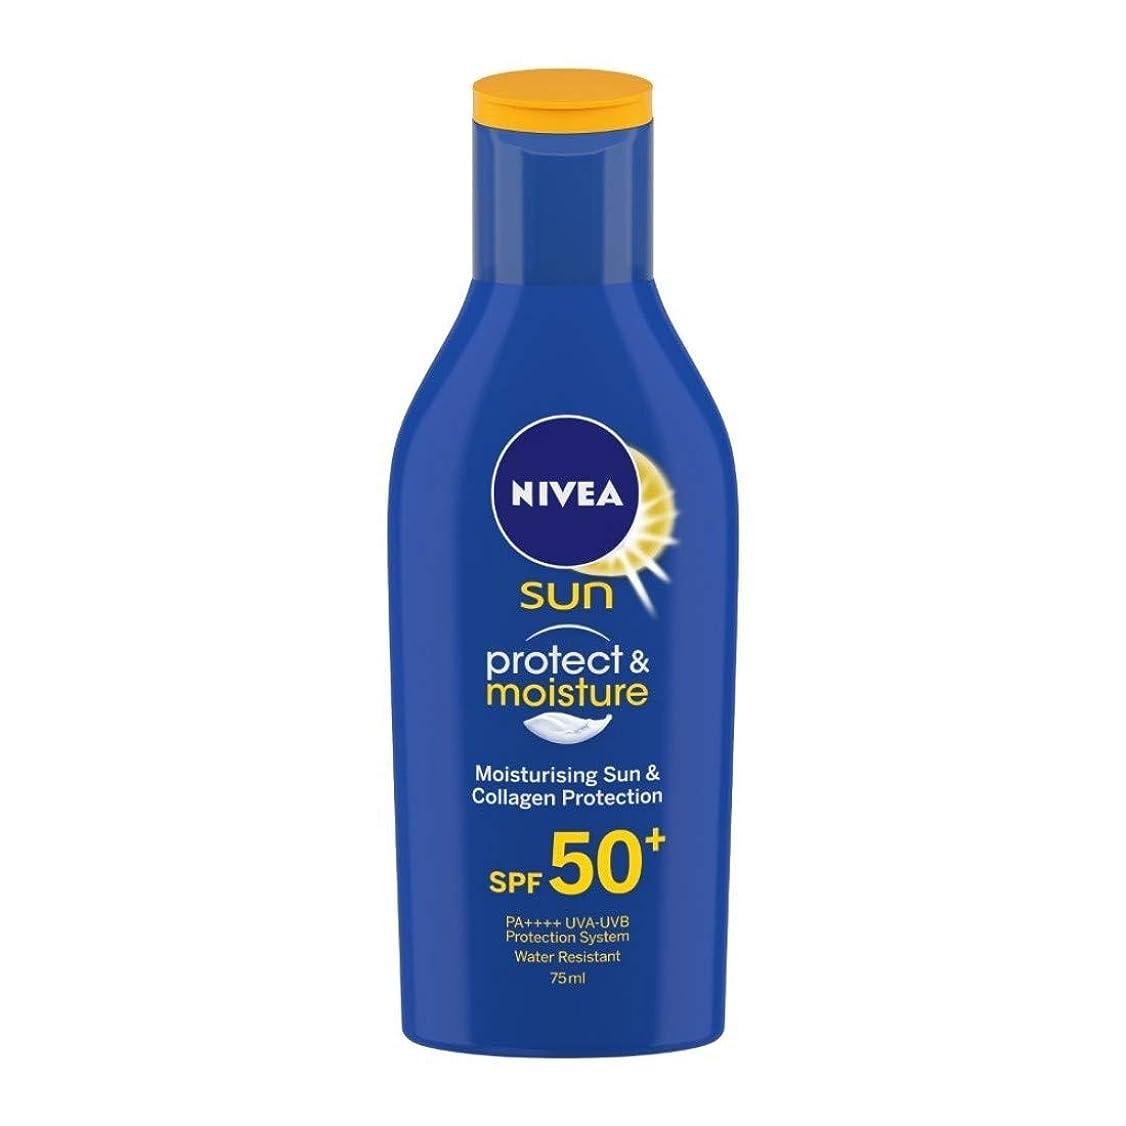 プライム感謝祭ひどくNIVEA Sunscreen Lotion, Sun Protect and Moisture (SPF 50), 75ml